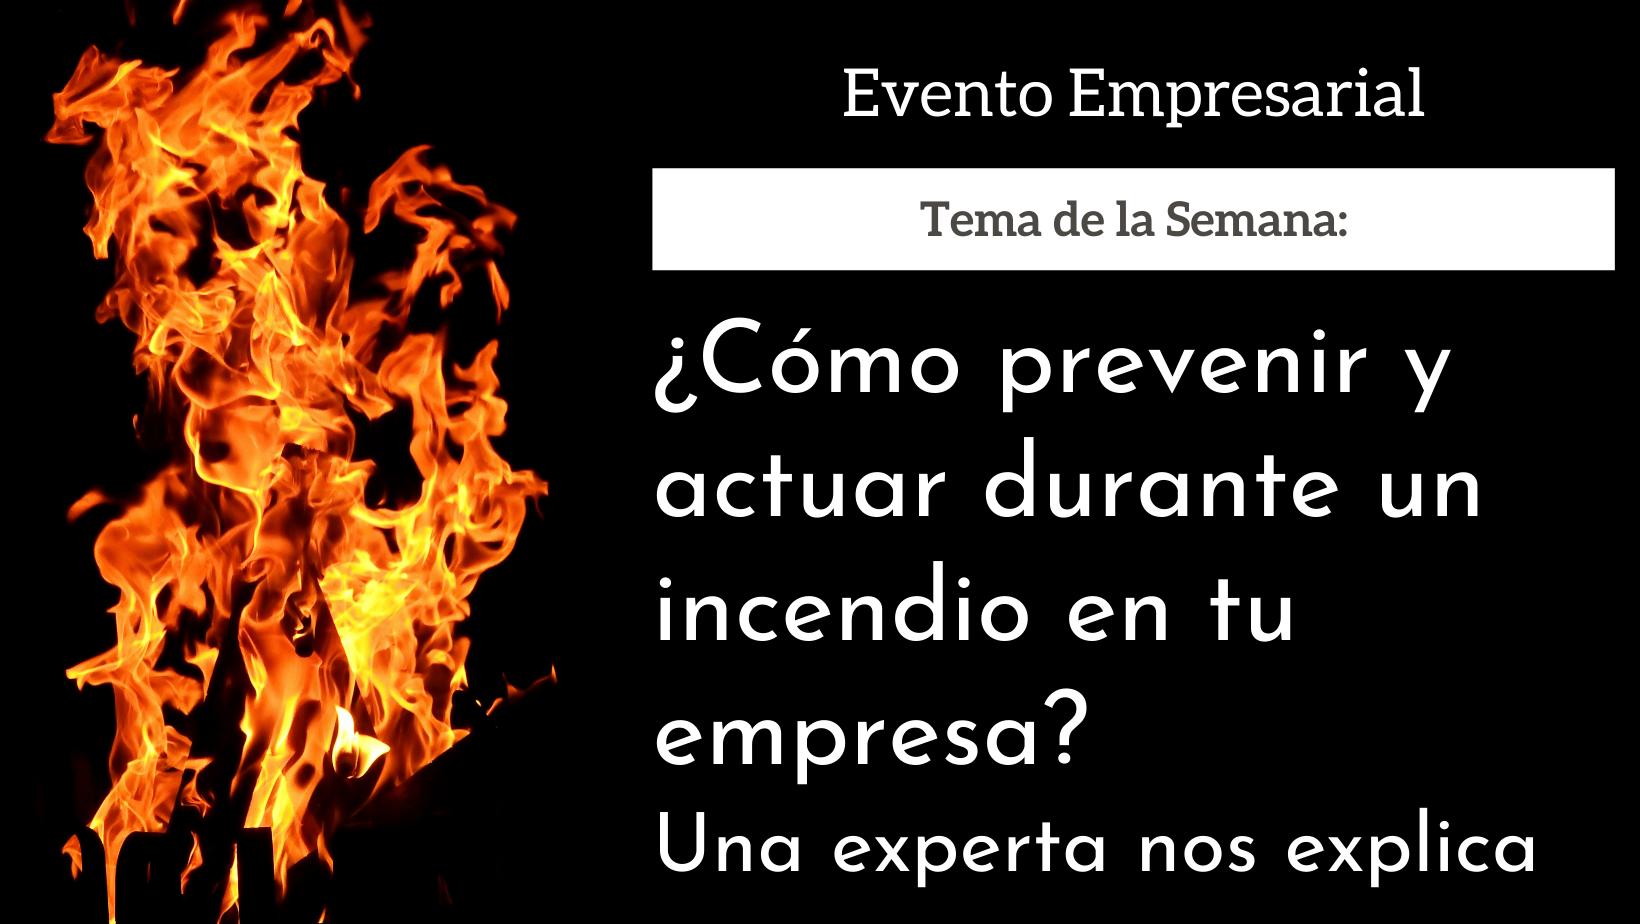 10a10-como-prevenir-un-incendio-empresa-bweb.png